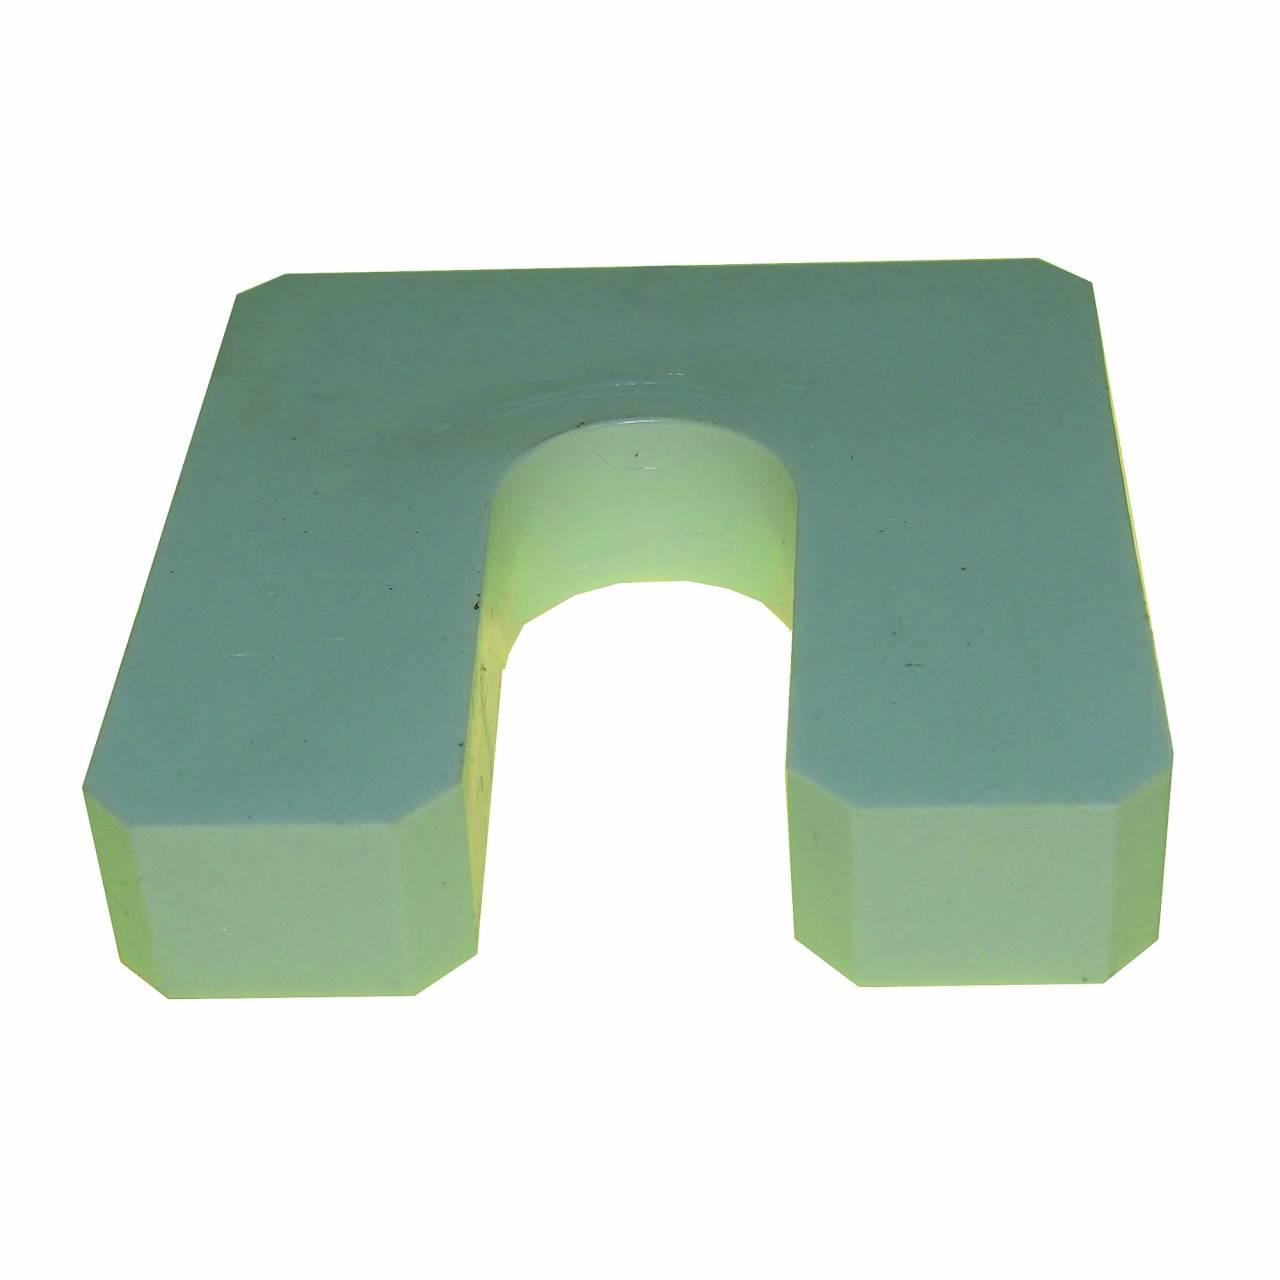 Montageplatten 70 x 70 x 10 mm, mit Schlitz / Sack a 300 Stück